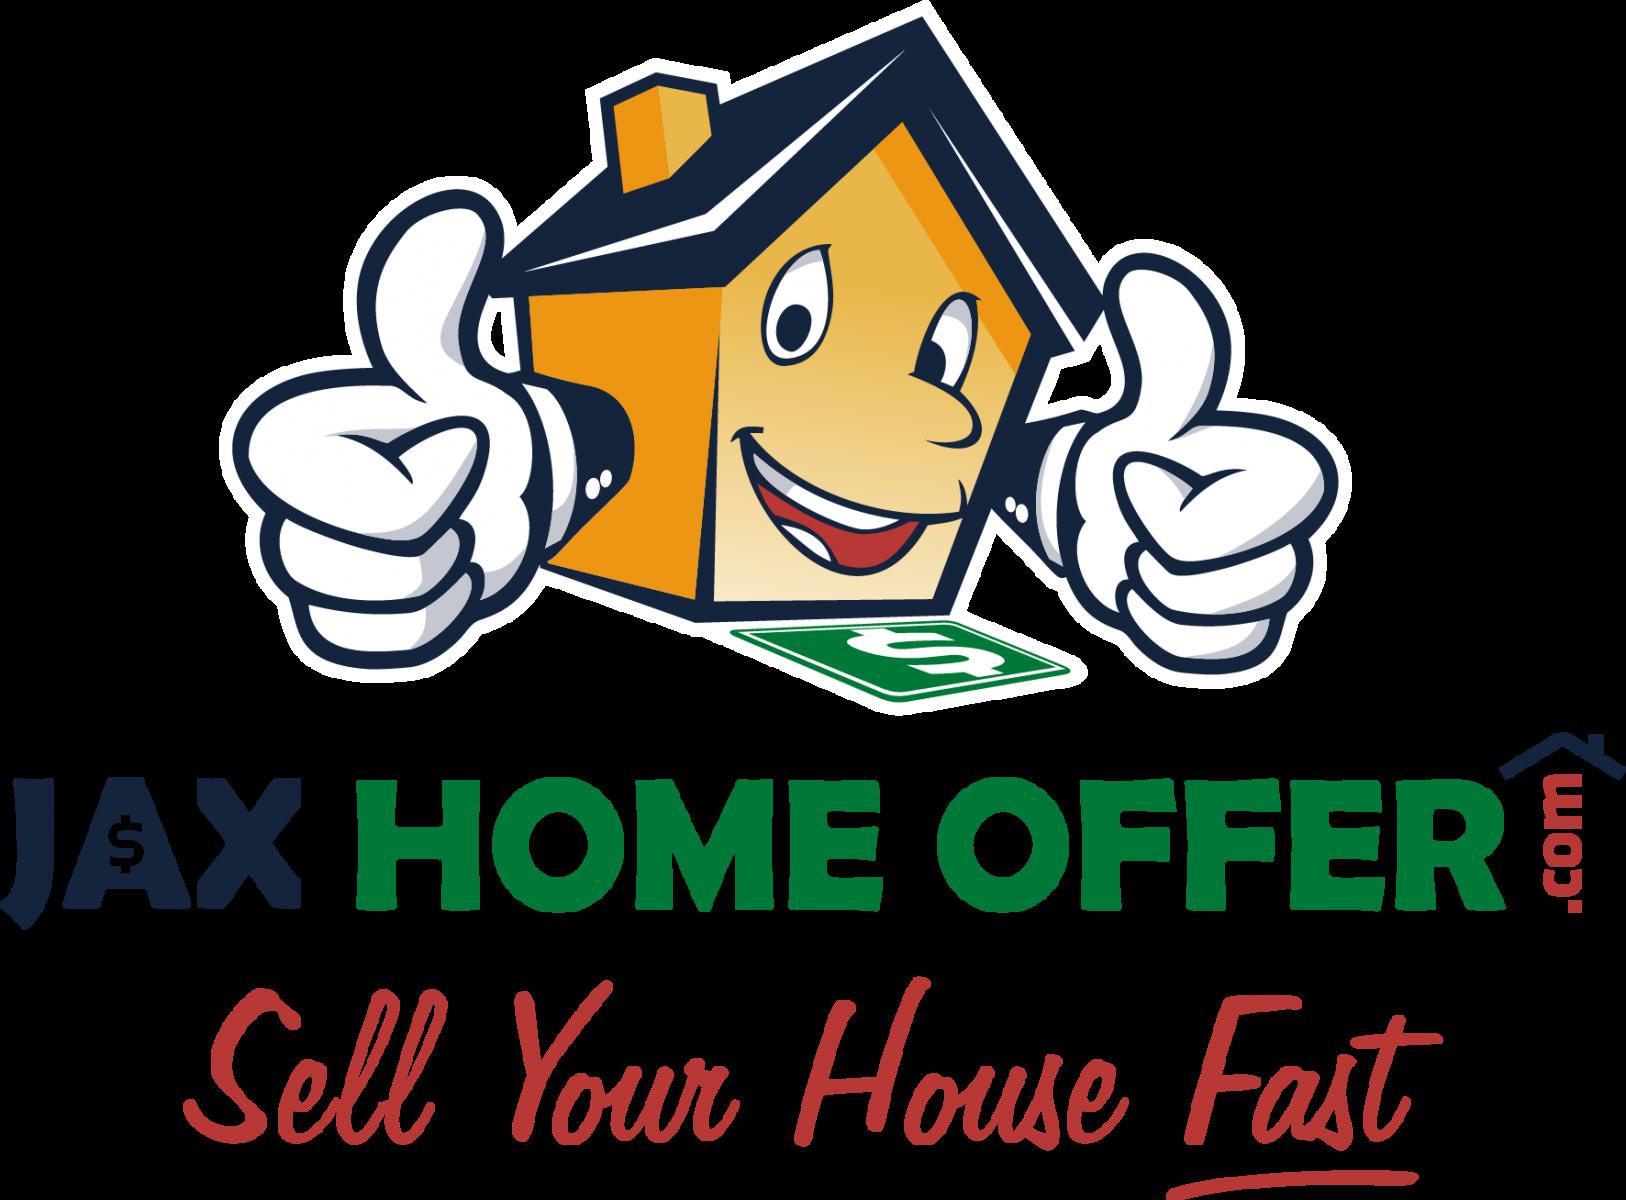 Jax Home Offer logo